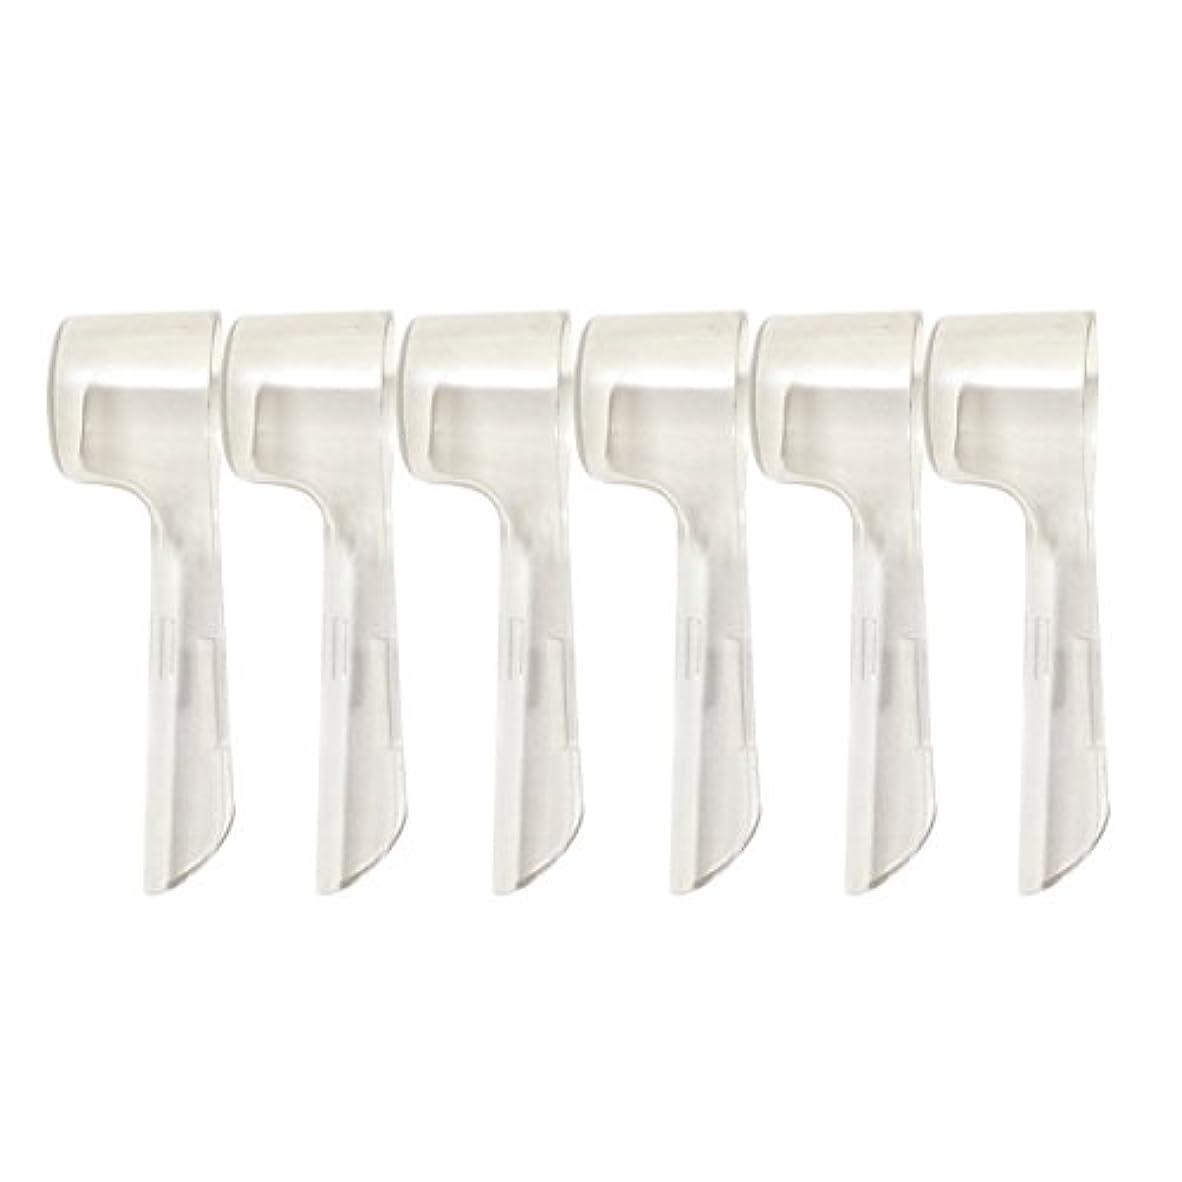 胃モッキンバードバンジョーSUPVOX 旅行のために便利な電動歯ブラシのための12本の歯ブラシのヘッドカバー